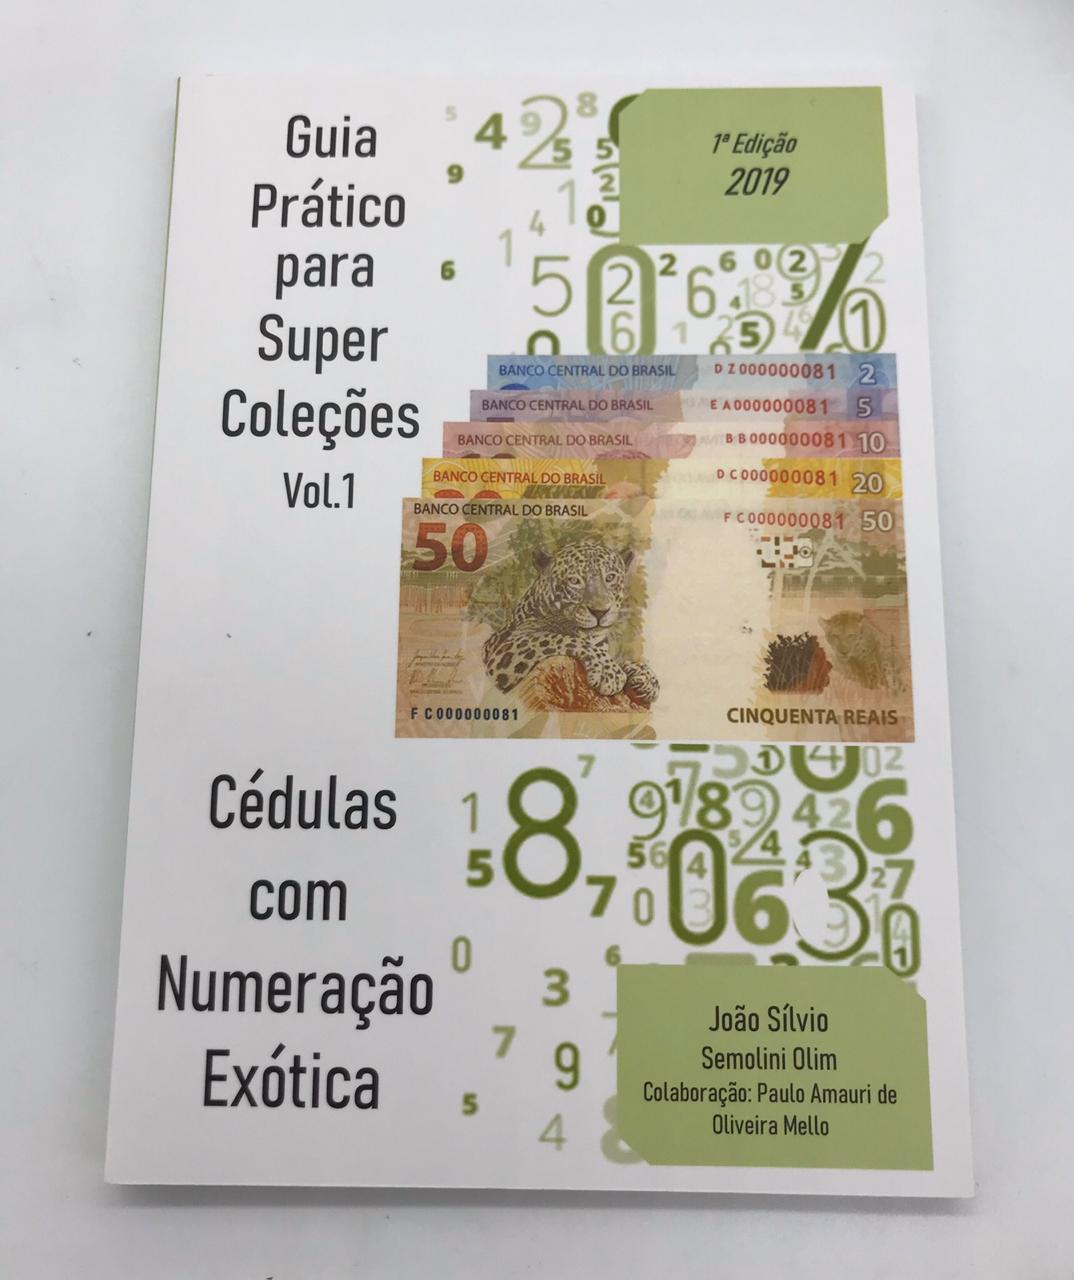 GUIA PRÁTICO PARA SUPER COLECAO